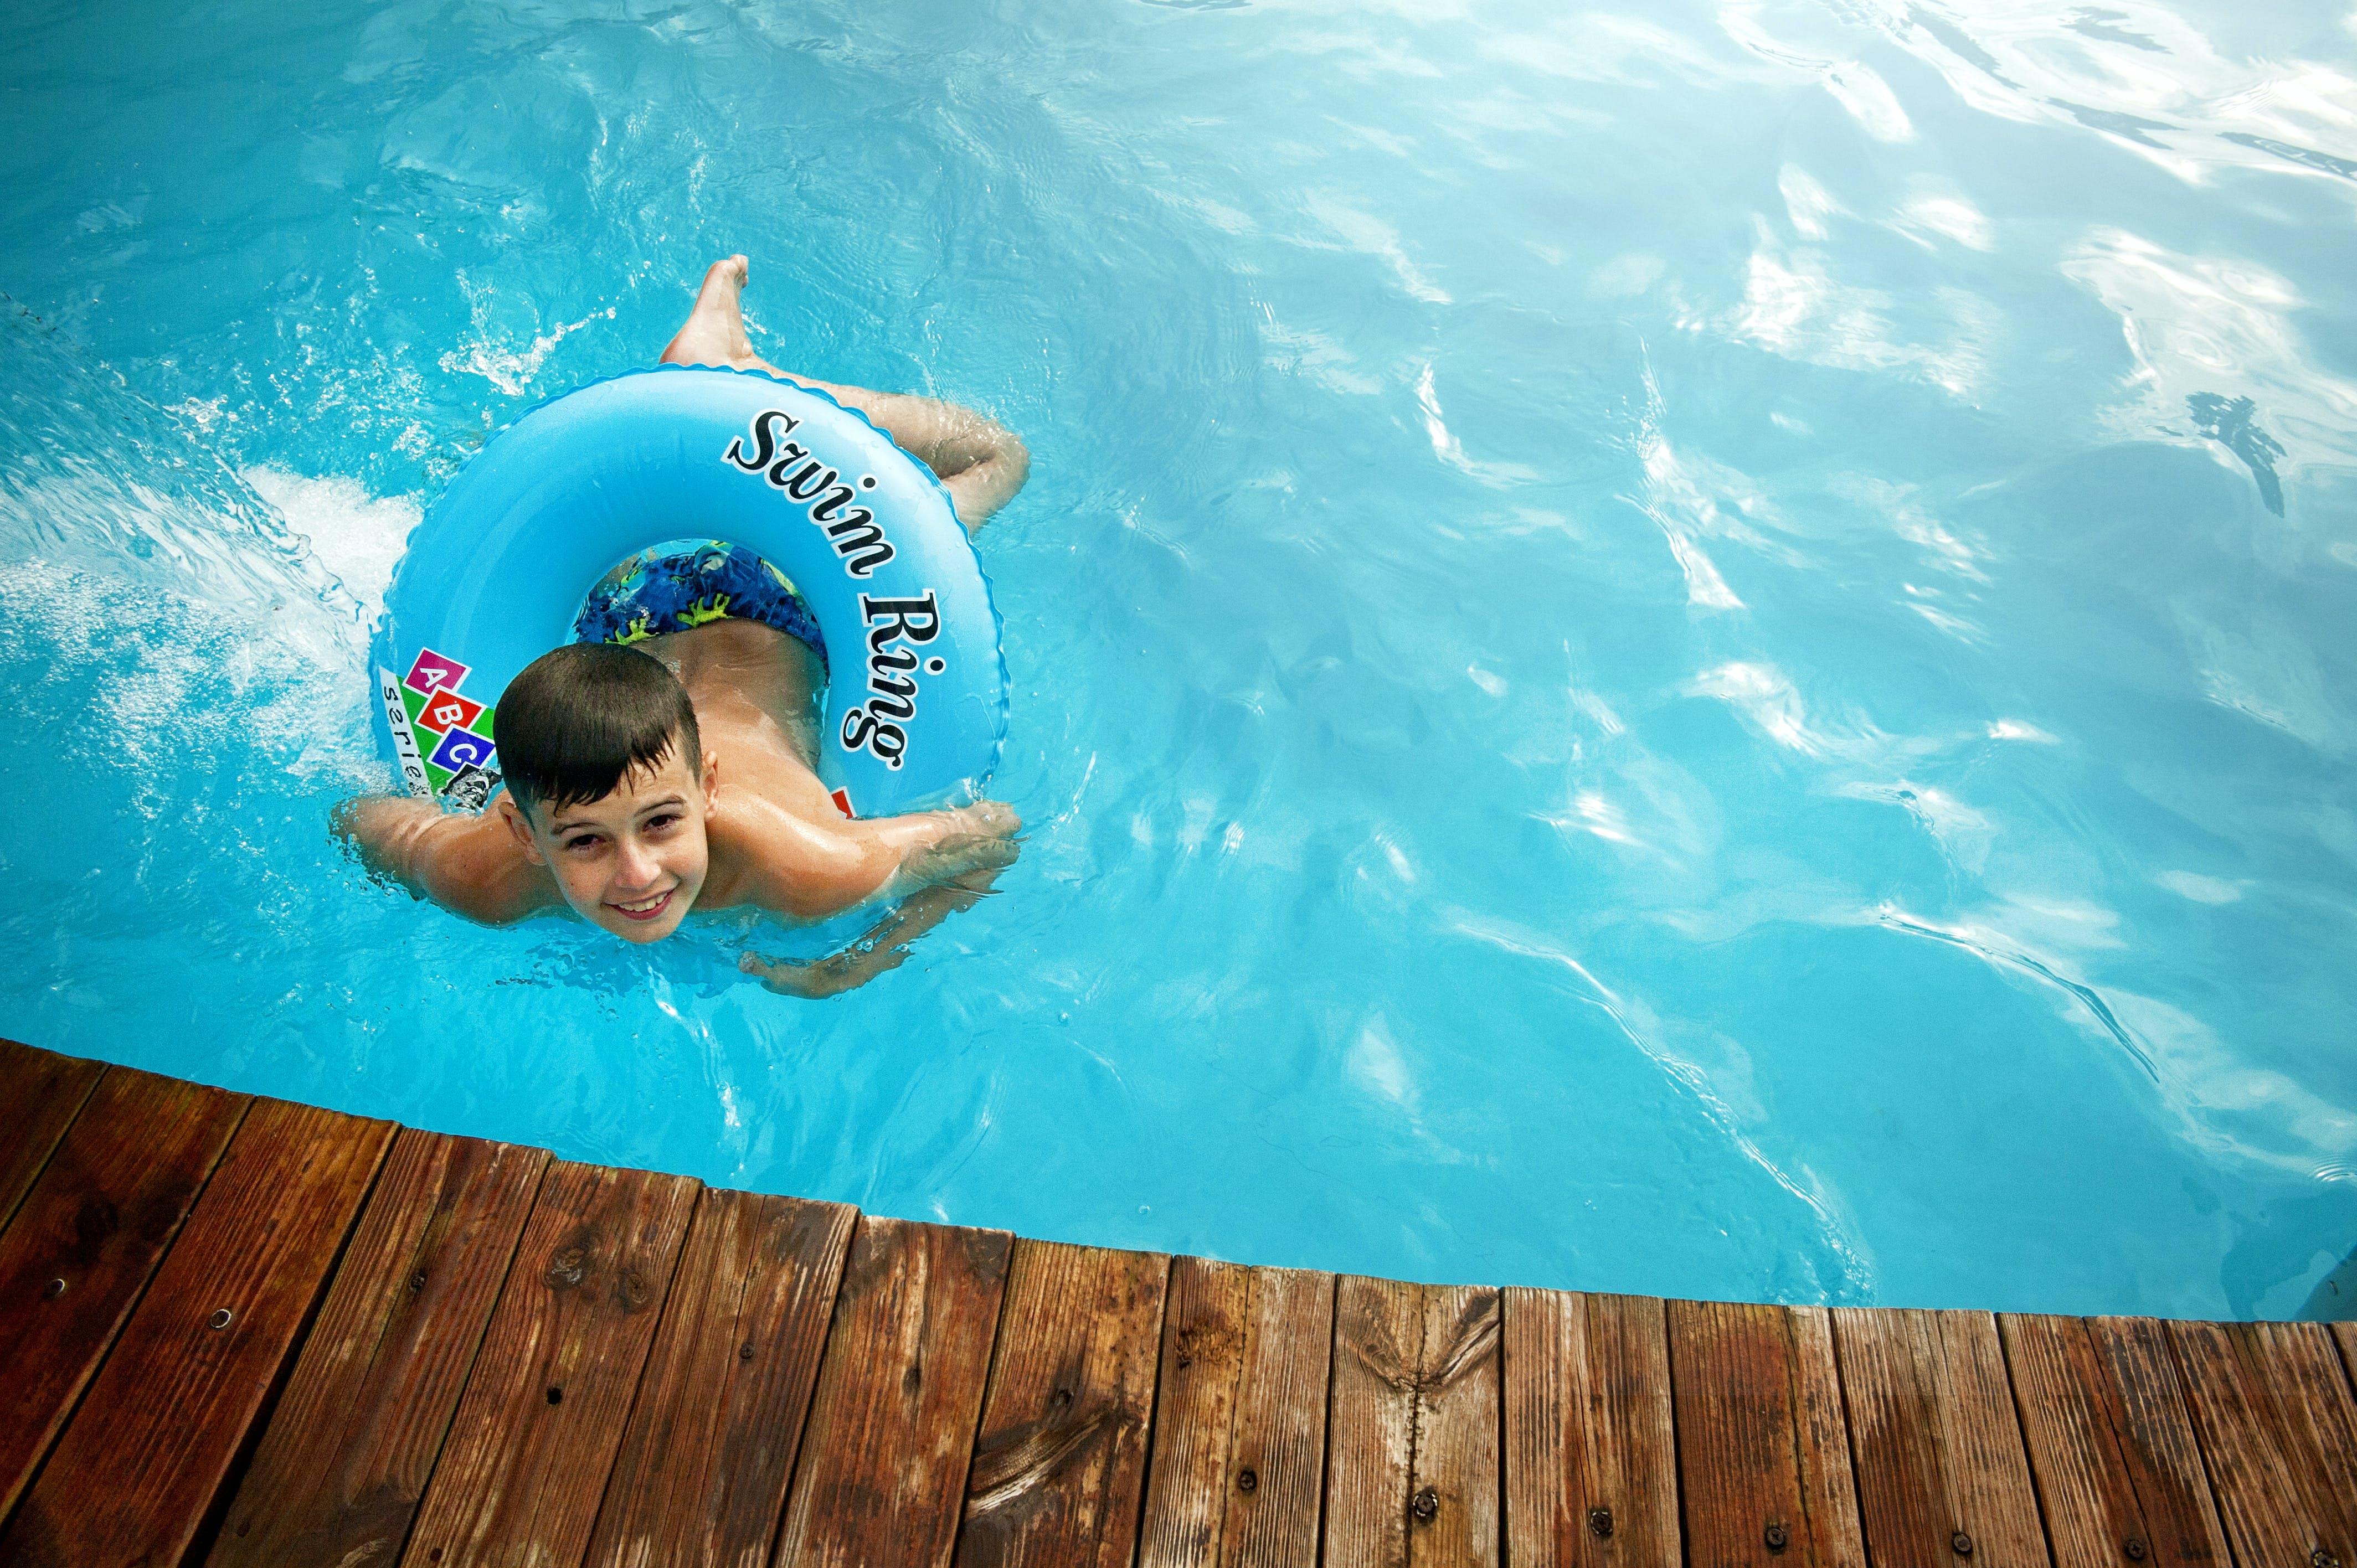 Kostnadsfri bild av barn, blått vatten, h2O, leende